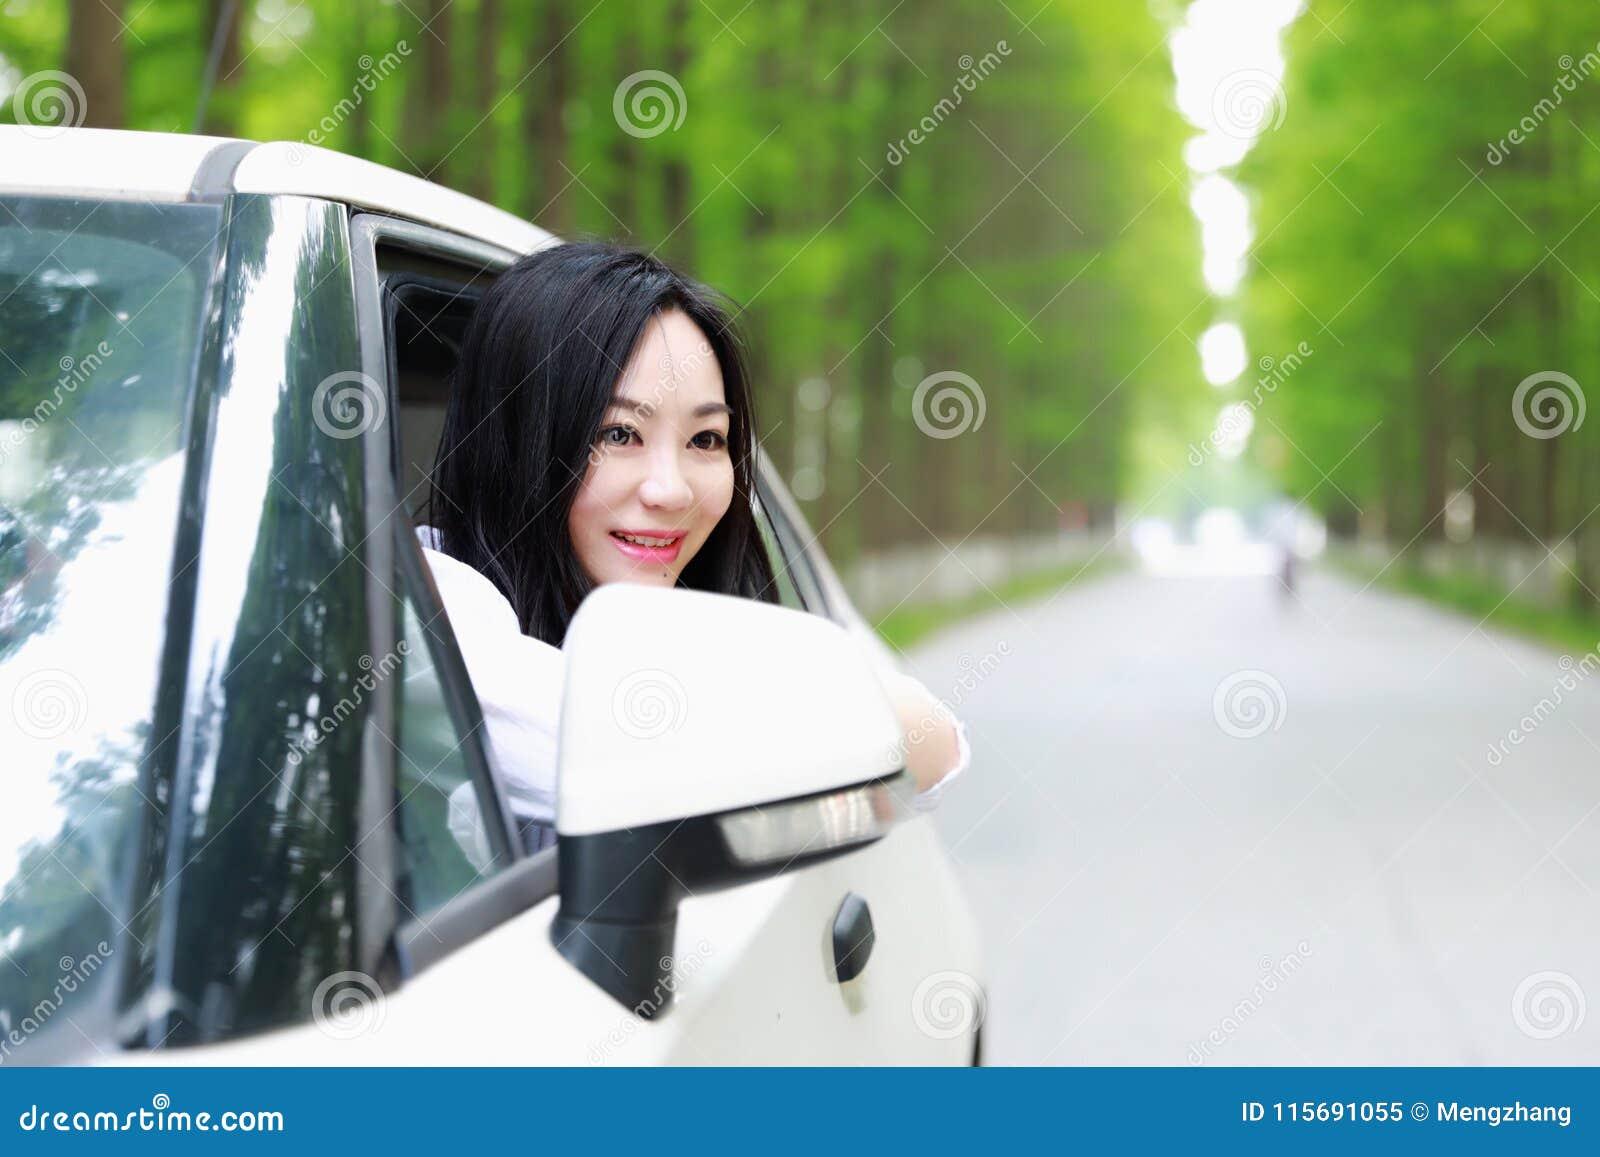 Bezpłatny niestaranny causual piękno siedzi na białym samochodowym parking na lasowej drodze w lato naturze plenerowej